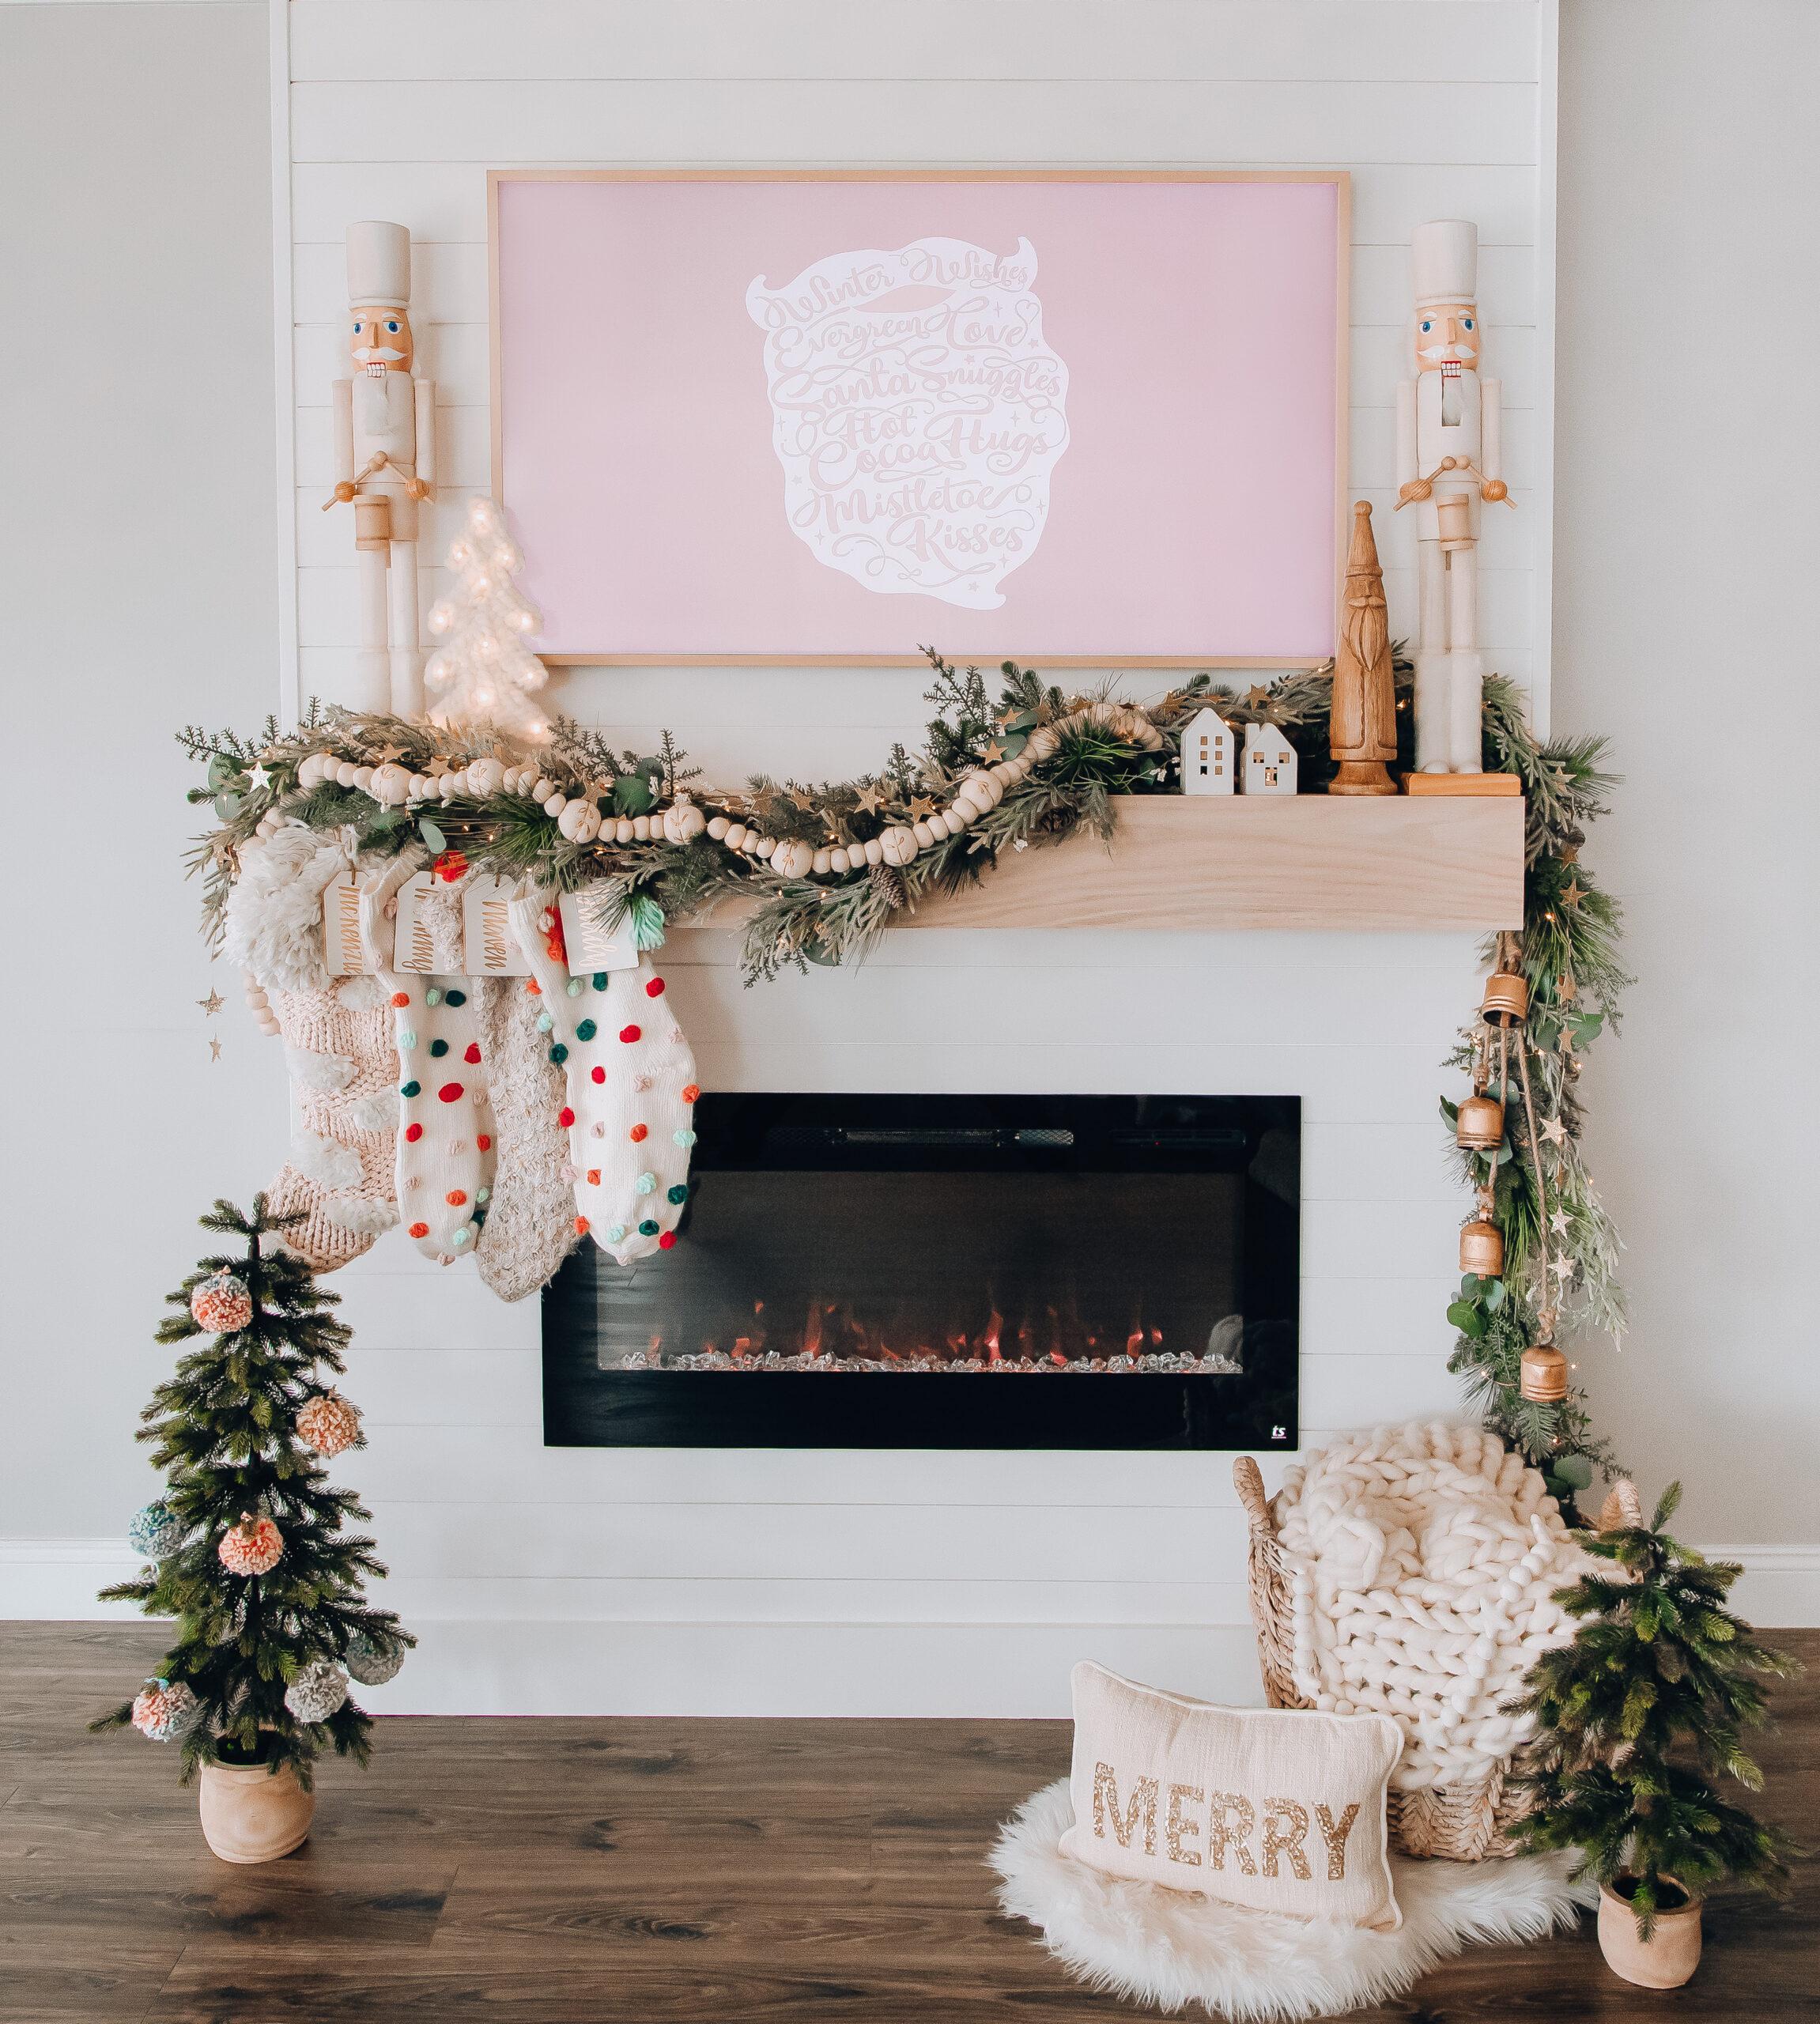 DIY Christmas mantel with boho vibes